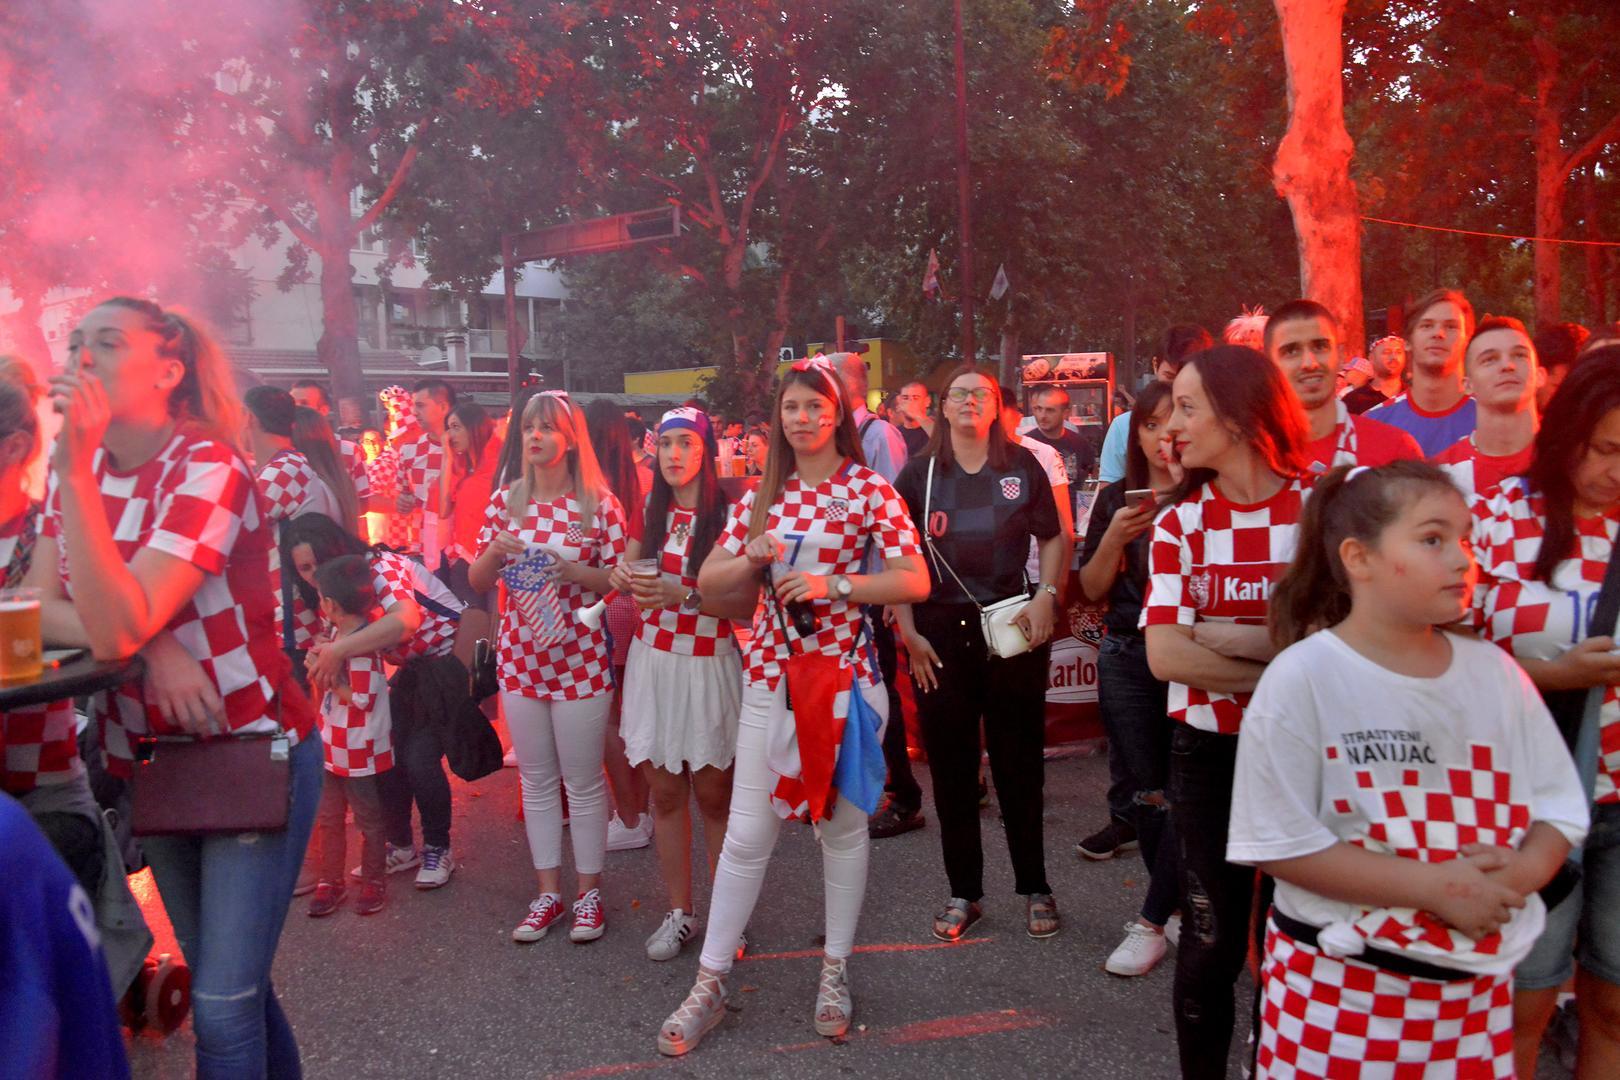 Vatreni ujedinili naciju, susret se večeras organizirano prati u BiH